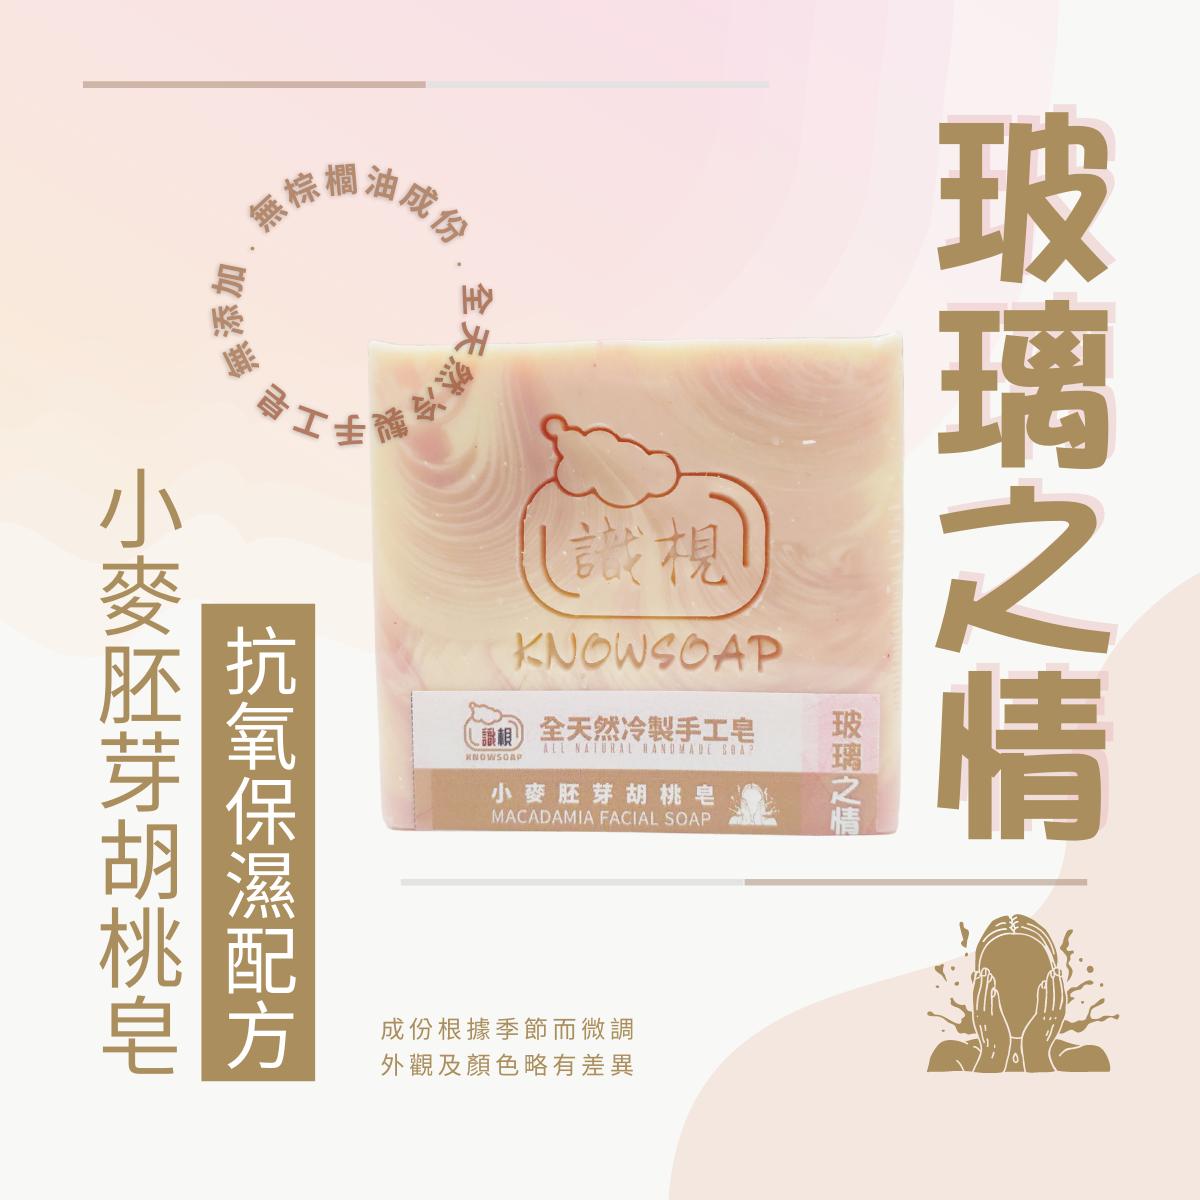 全天然手工皂 100%冷制 handmade soap 【識梘KNOWSOAP】 玻璃之情:小麥胚芽胡桃皂 抗氧保濕配方FC9006